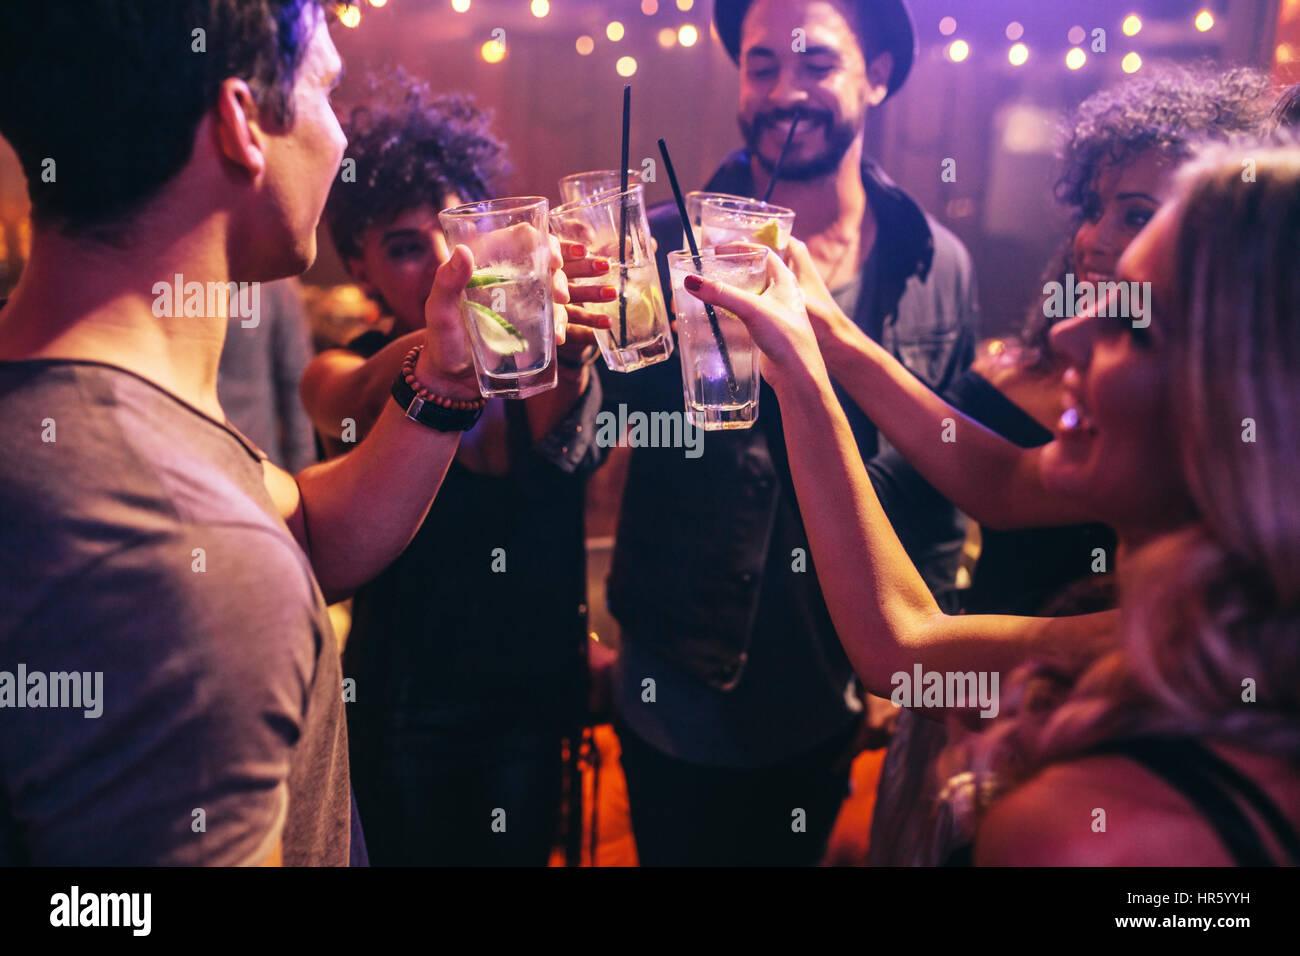 Un gruppo di giovani amici nel club la tostatura con cocktail. Giovani uomini e donne alla discoteca celebrando Immagini Stock